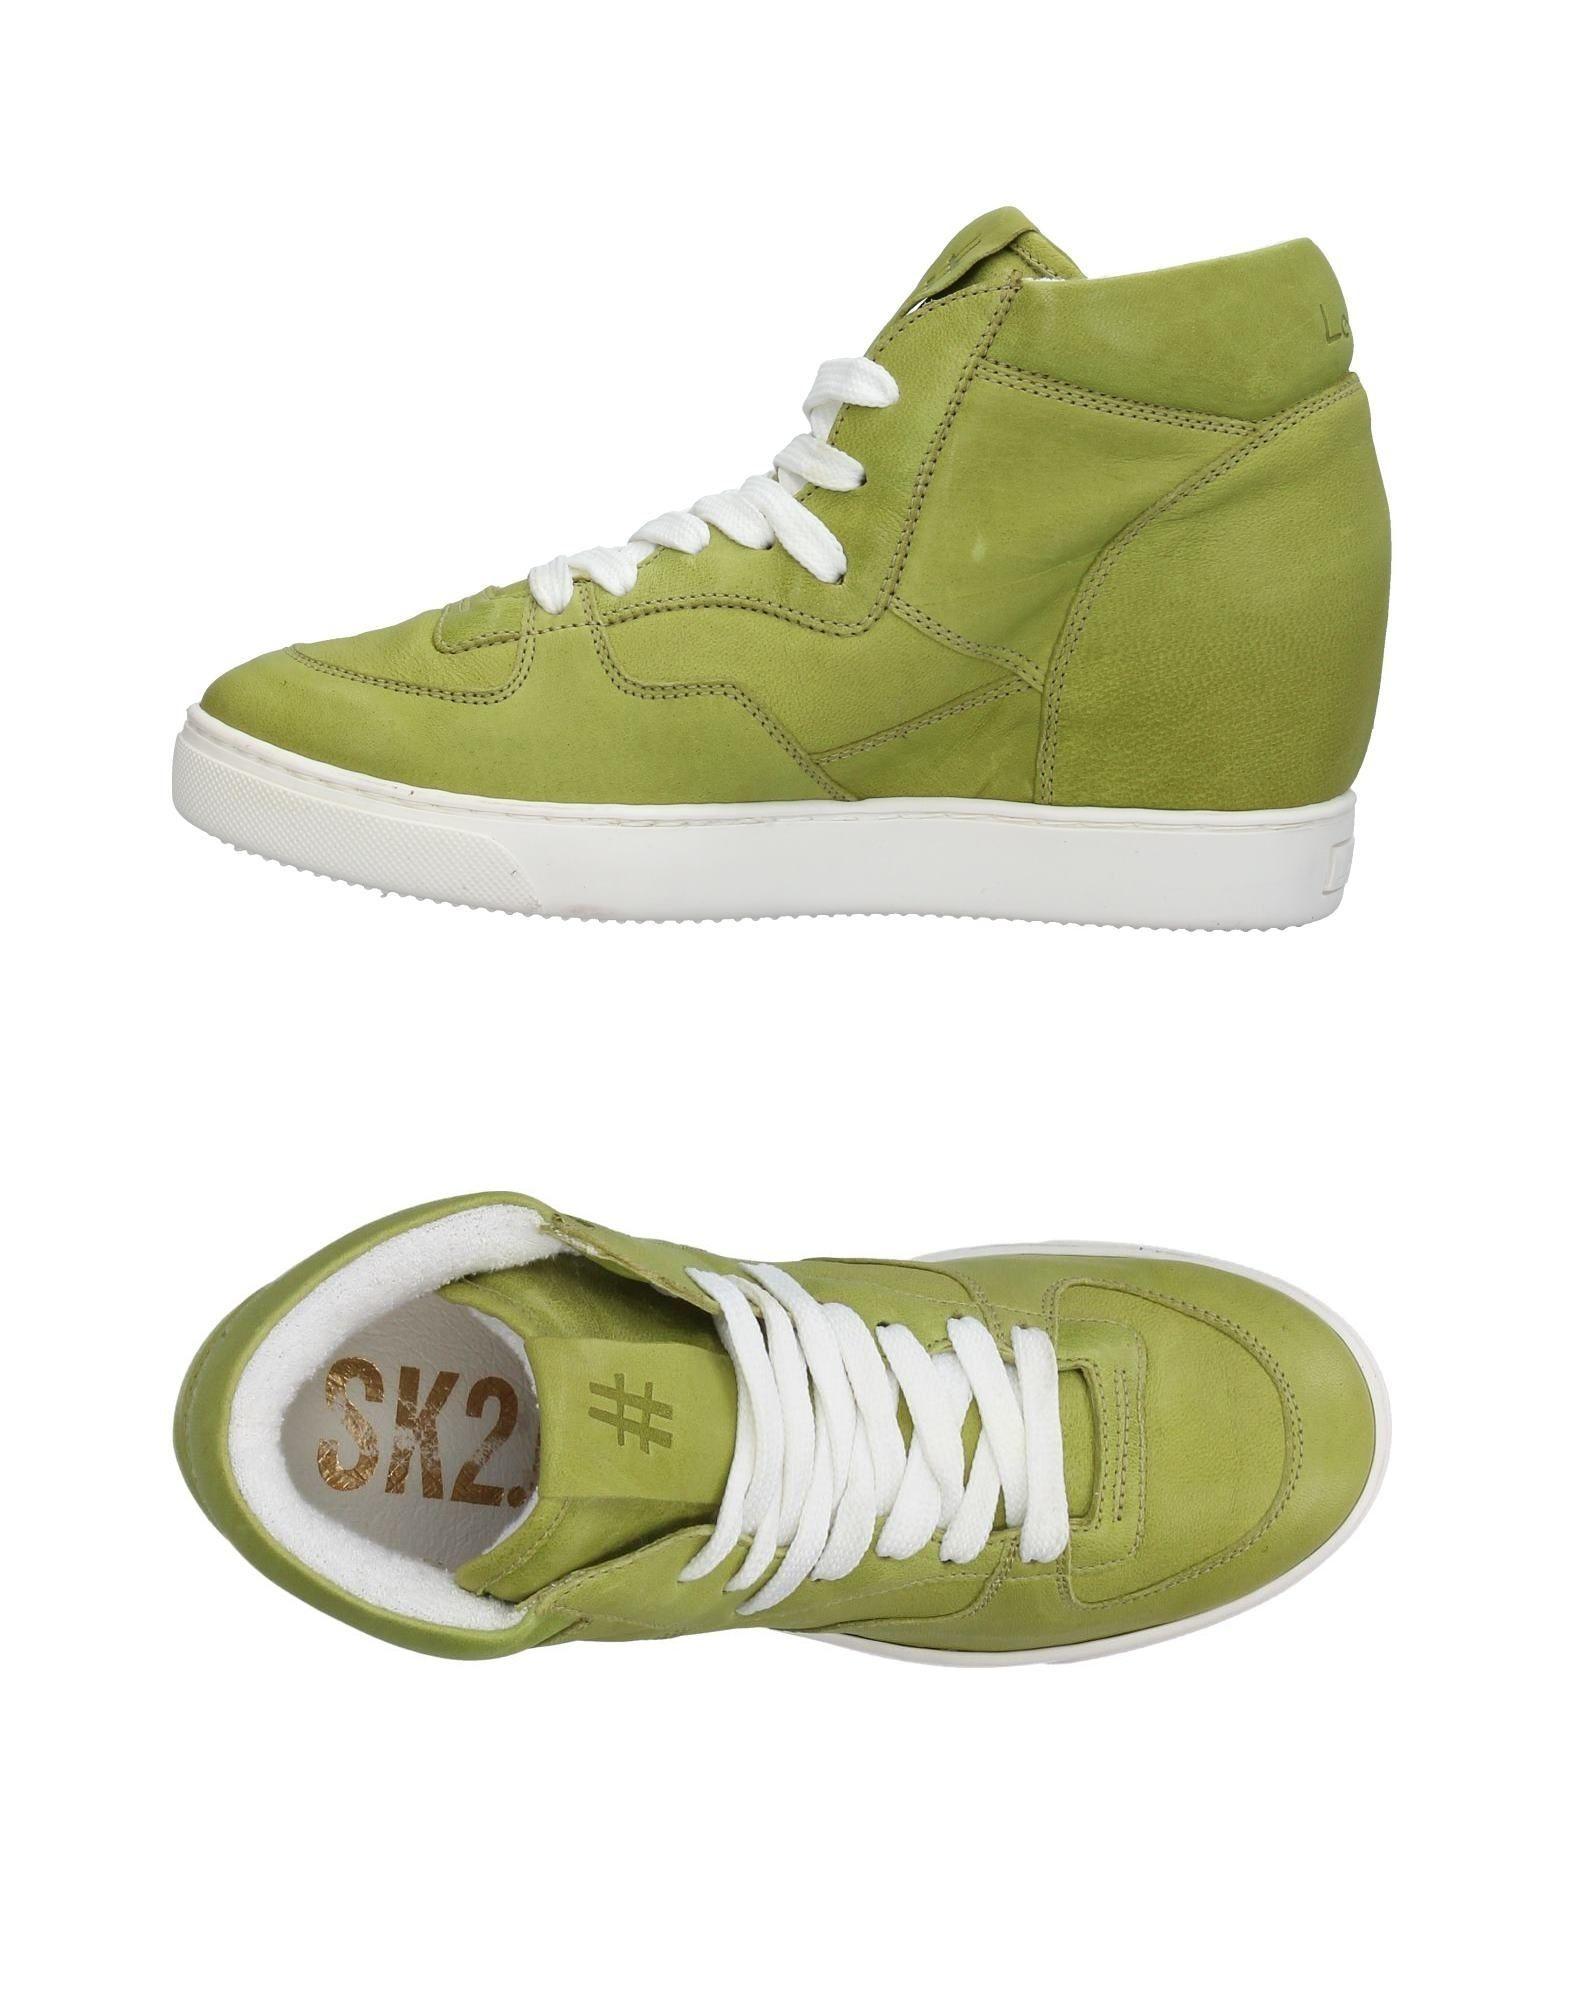 Sneakers Sk2.0 Donna - 11406816PV Scarpe economiche e buone